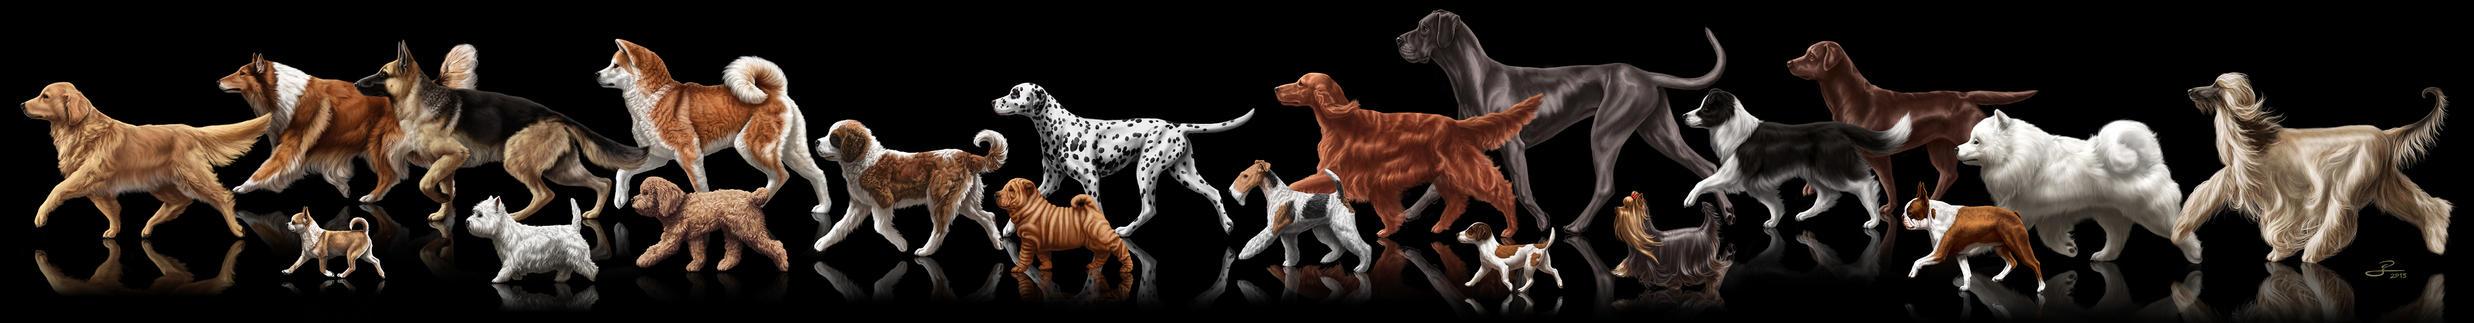 The Walking Dogs by albertoguerra